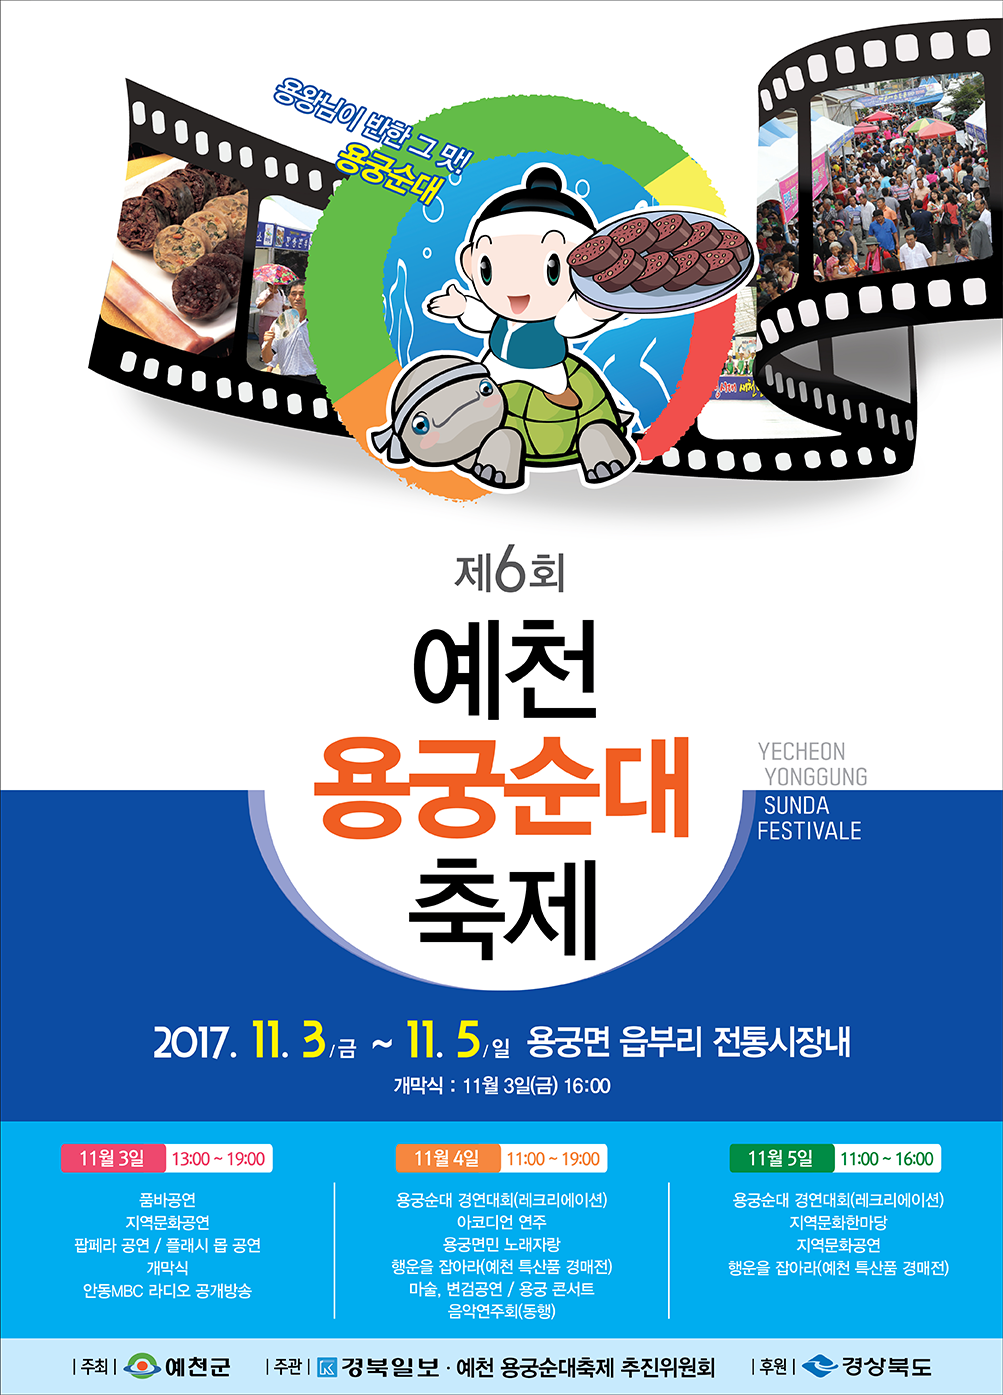 2017_제6회예천용궁순대축제_pop.png